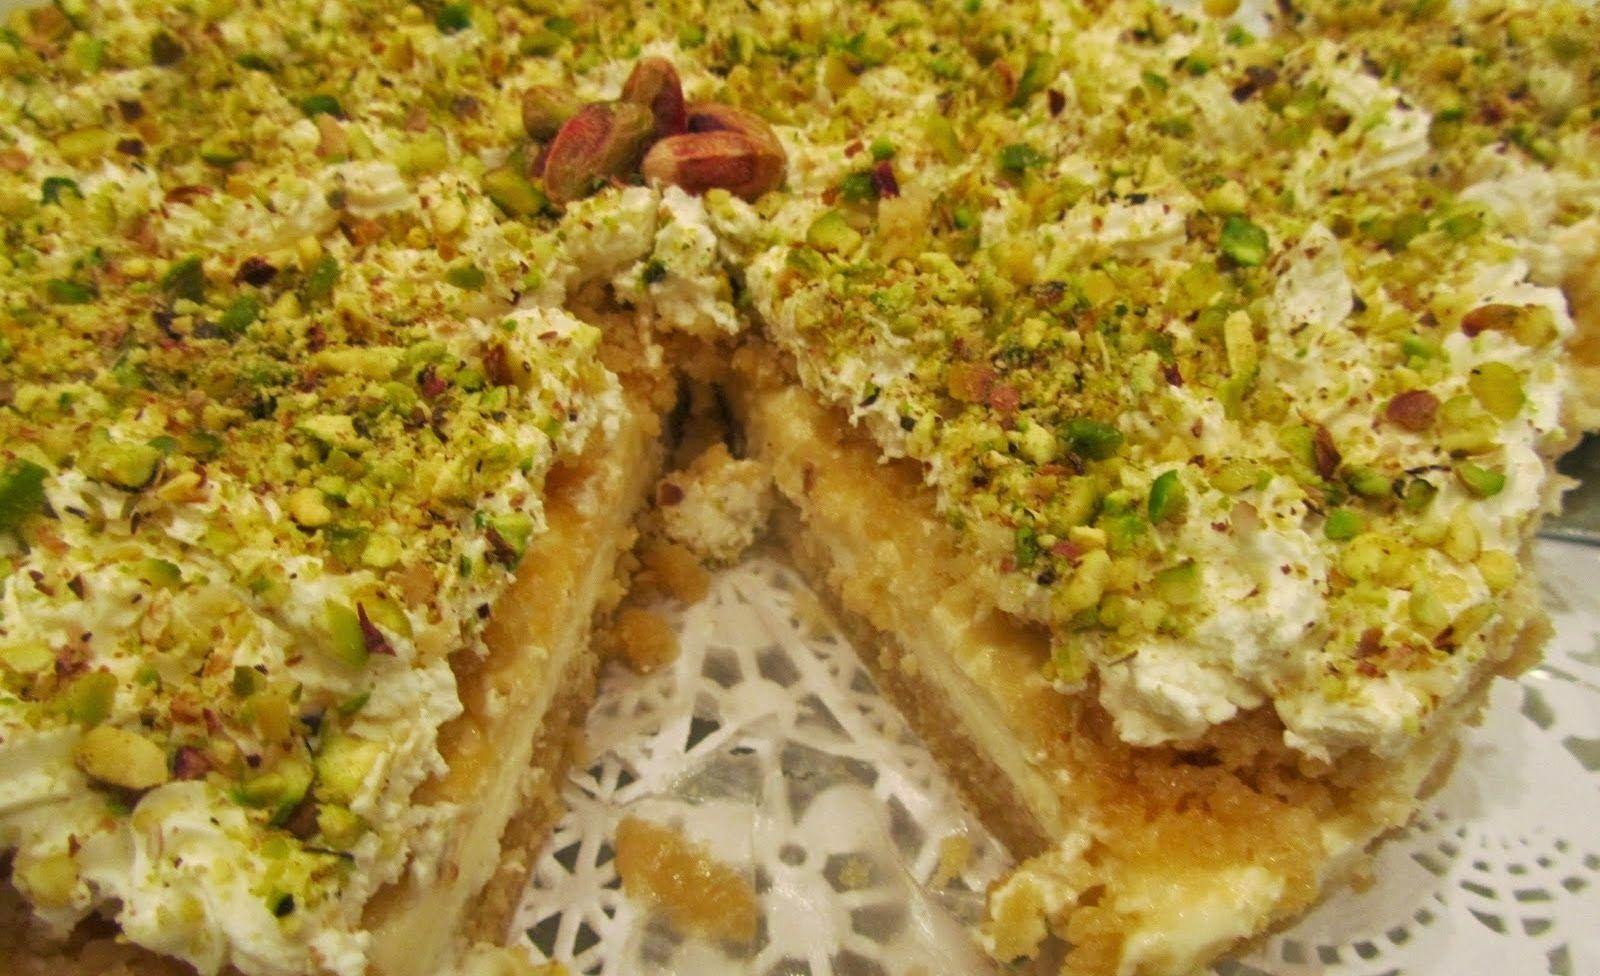 طريقة عمل حلى عيش السرايا بالسميد وبدون السميد عالم الطبخ والجمال Delicious Deserts Cooking Recipes Egyptian Food